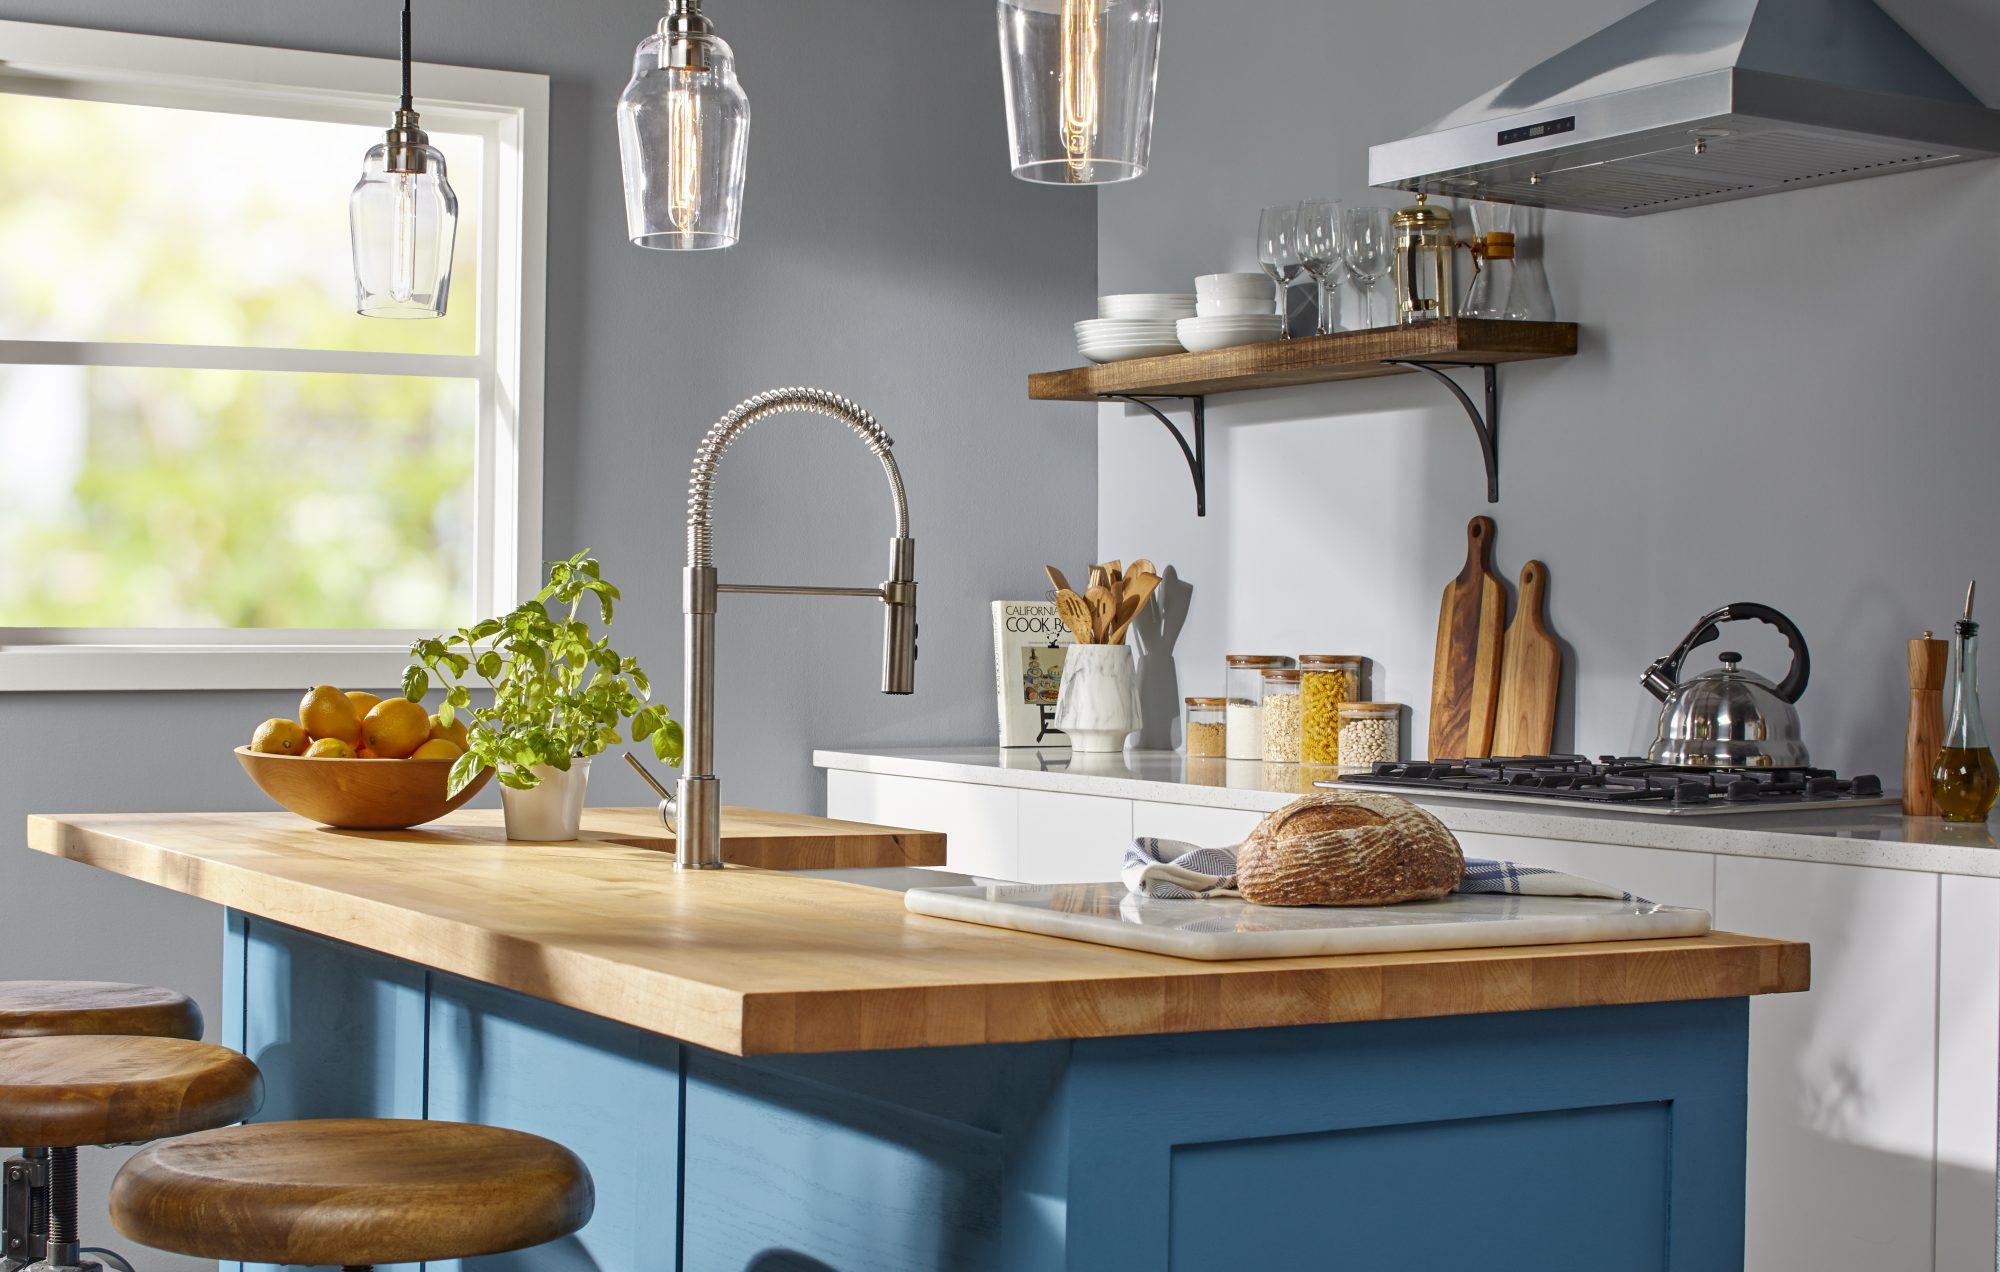 https: img.okezone.com content 2020 12 23 470 2332874 7-material-terbaik-untuk-meja-dapur-yk2dClwd6a.jpg